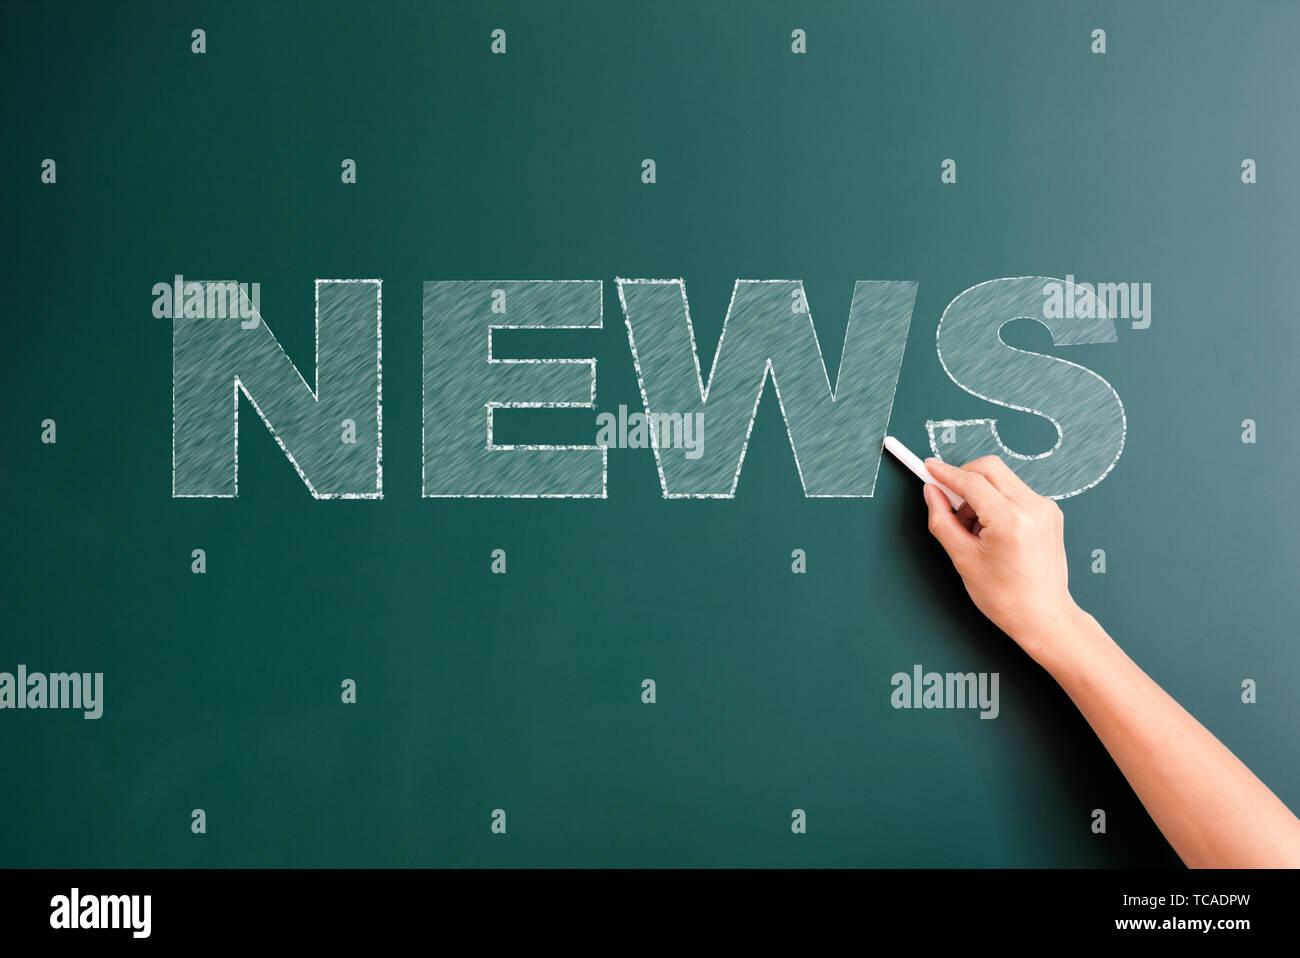 news written on blackboard - Stock Image